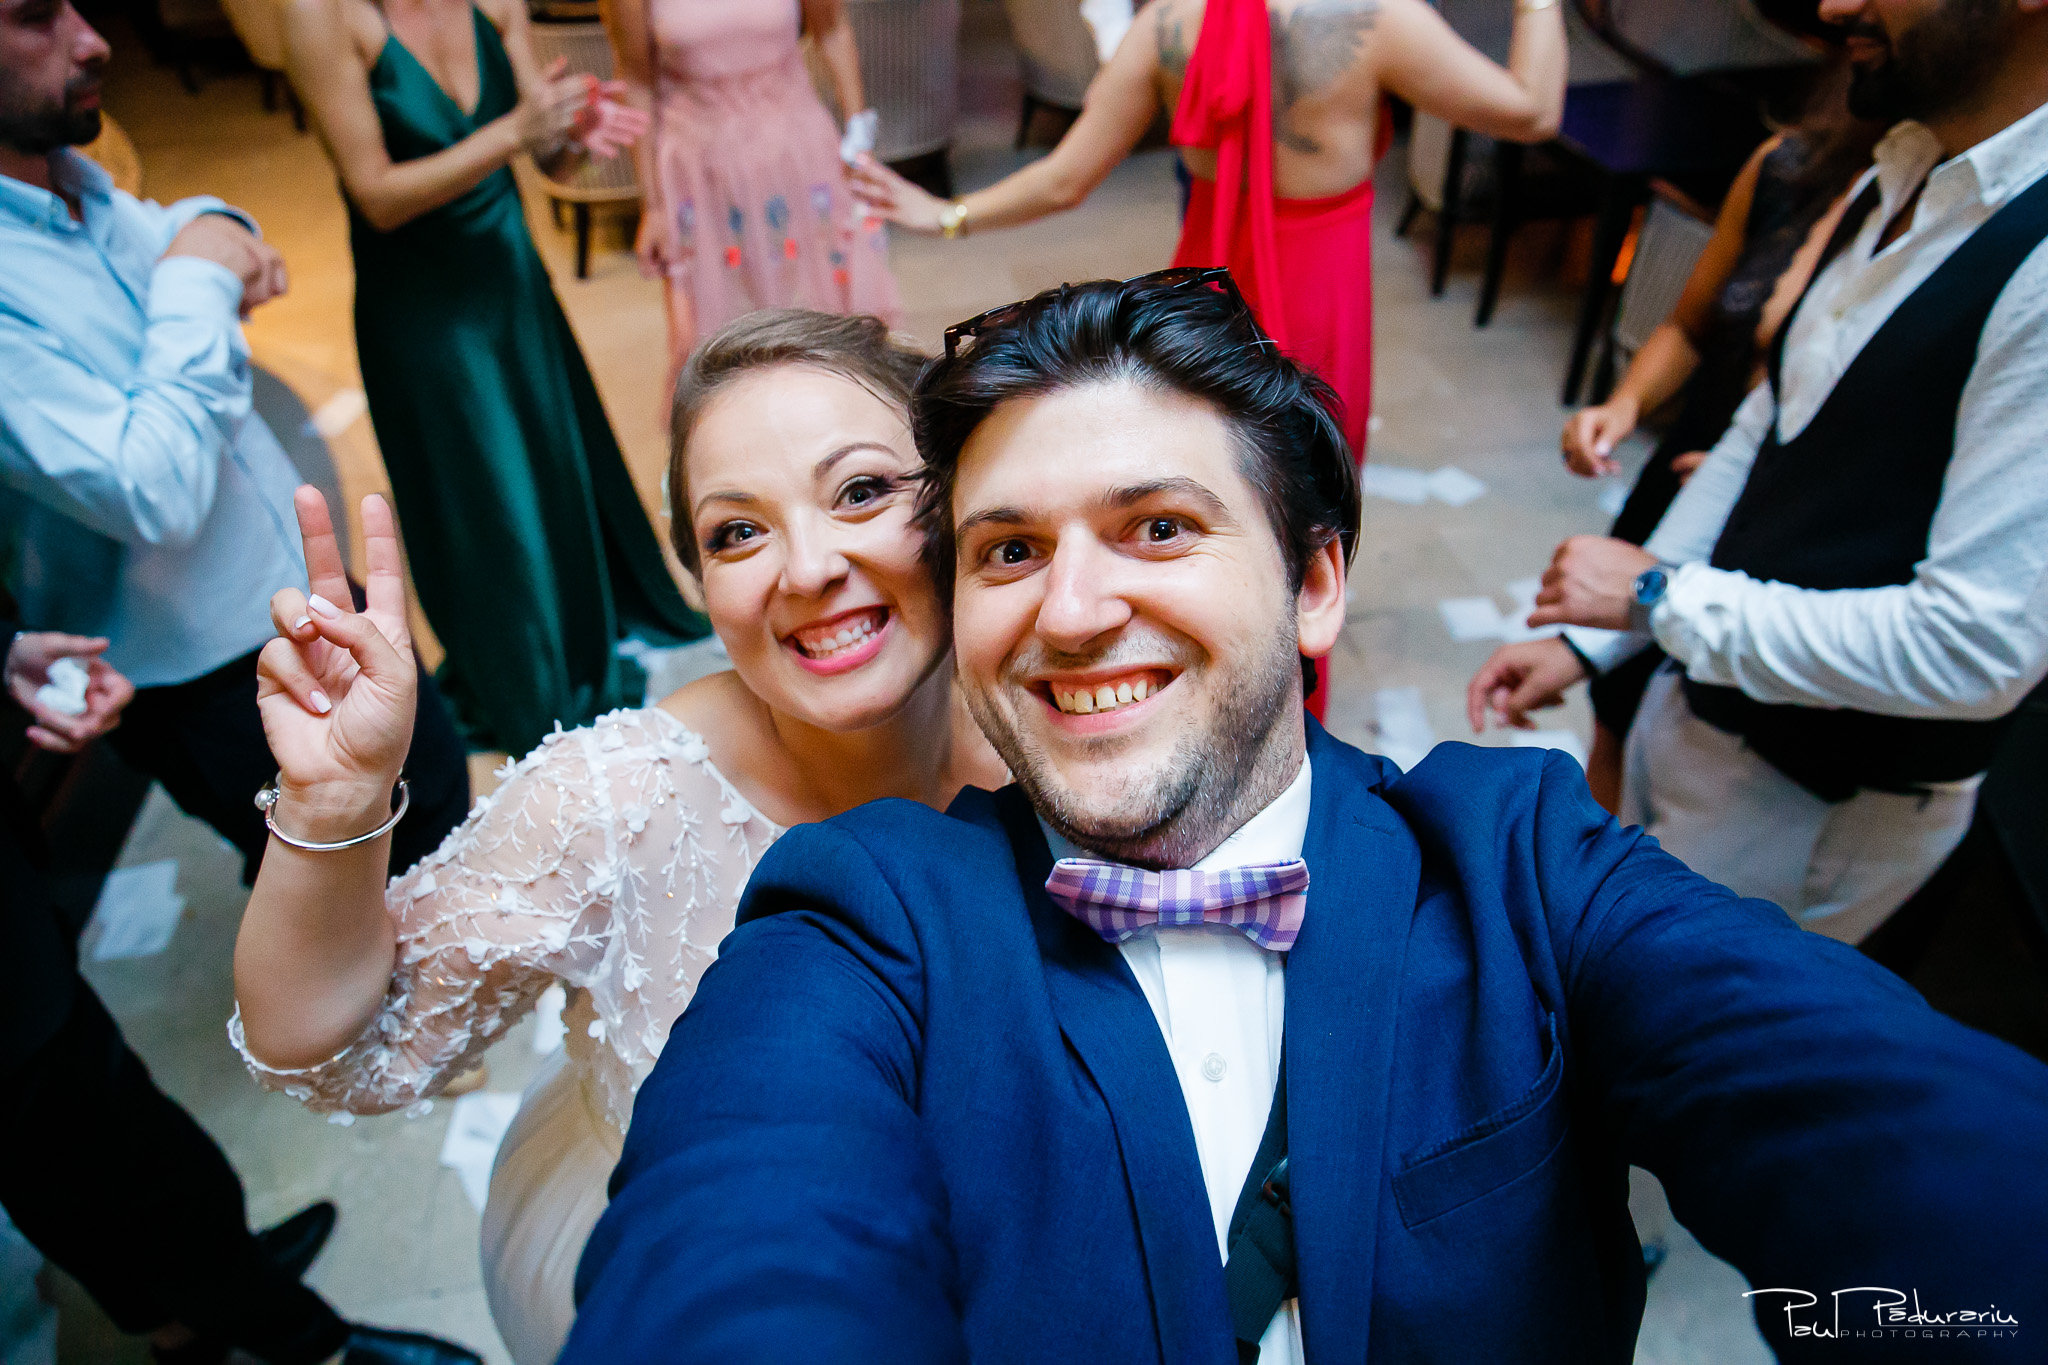 Selfie cu mireasa Ema - nunta Pleiada Iasi - fotograf profesionist Iasi www.paulpadurariu.ro © 2017 Paul Padurariu